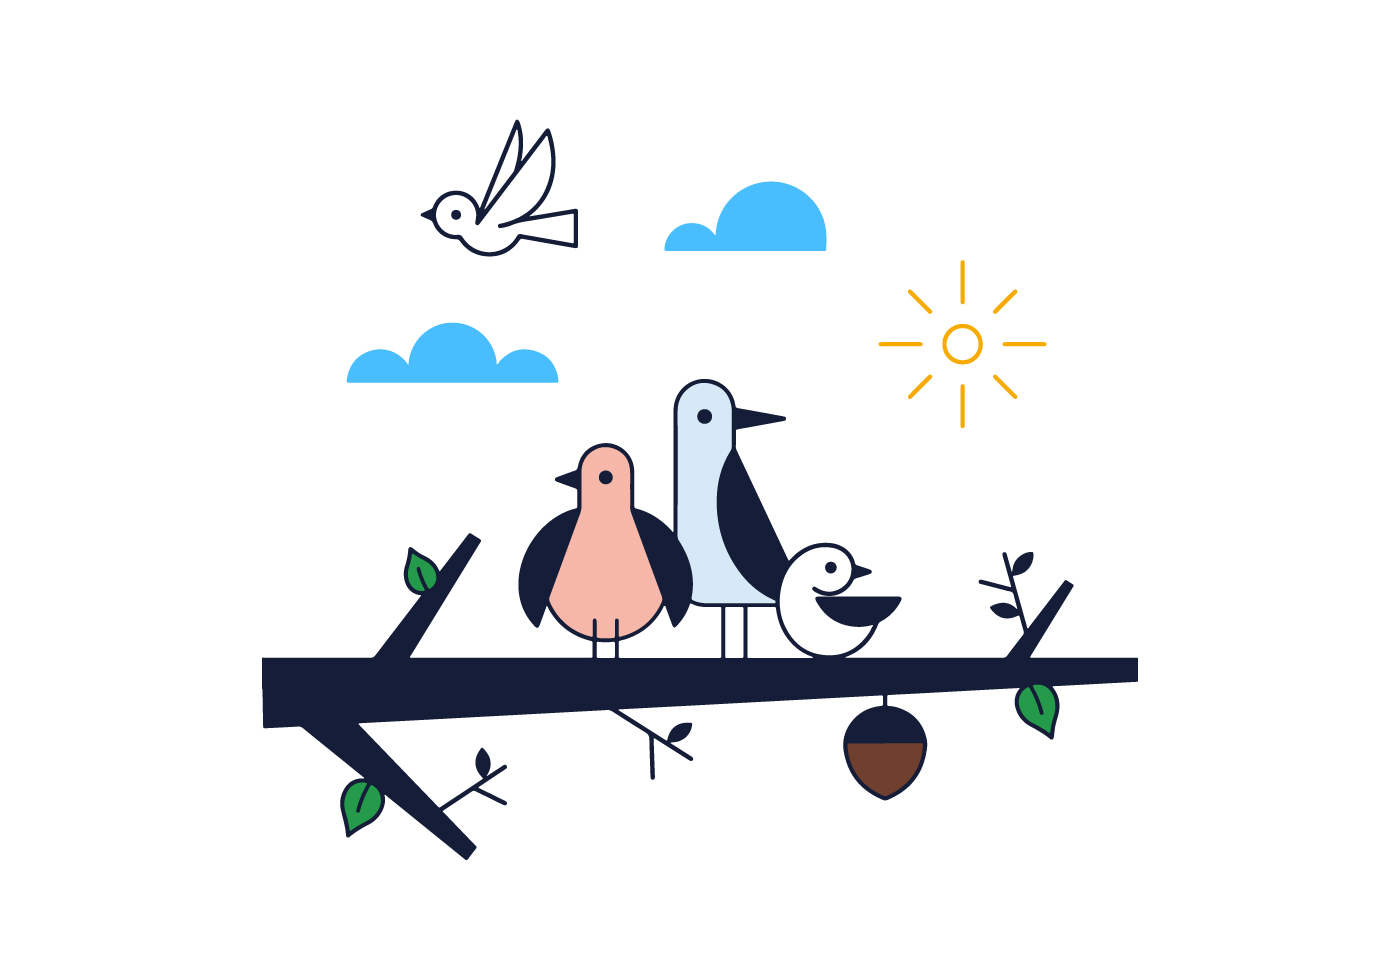 小鳥卡通 免費下載   天天瘋後製